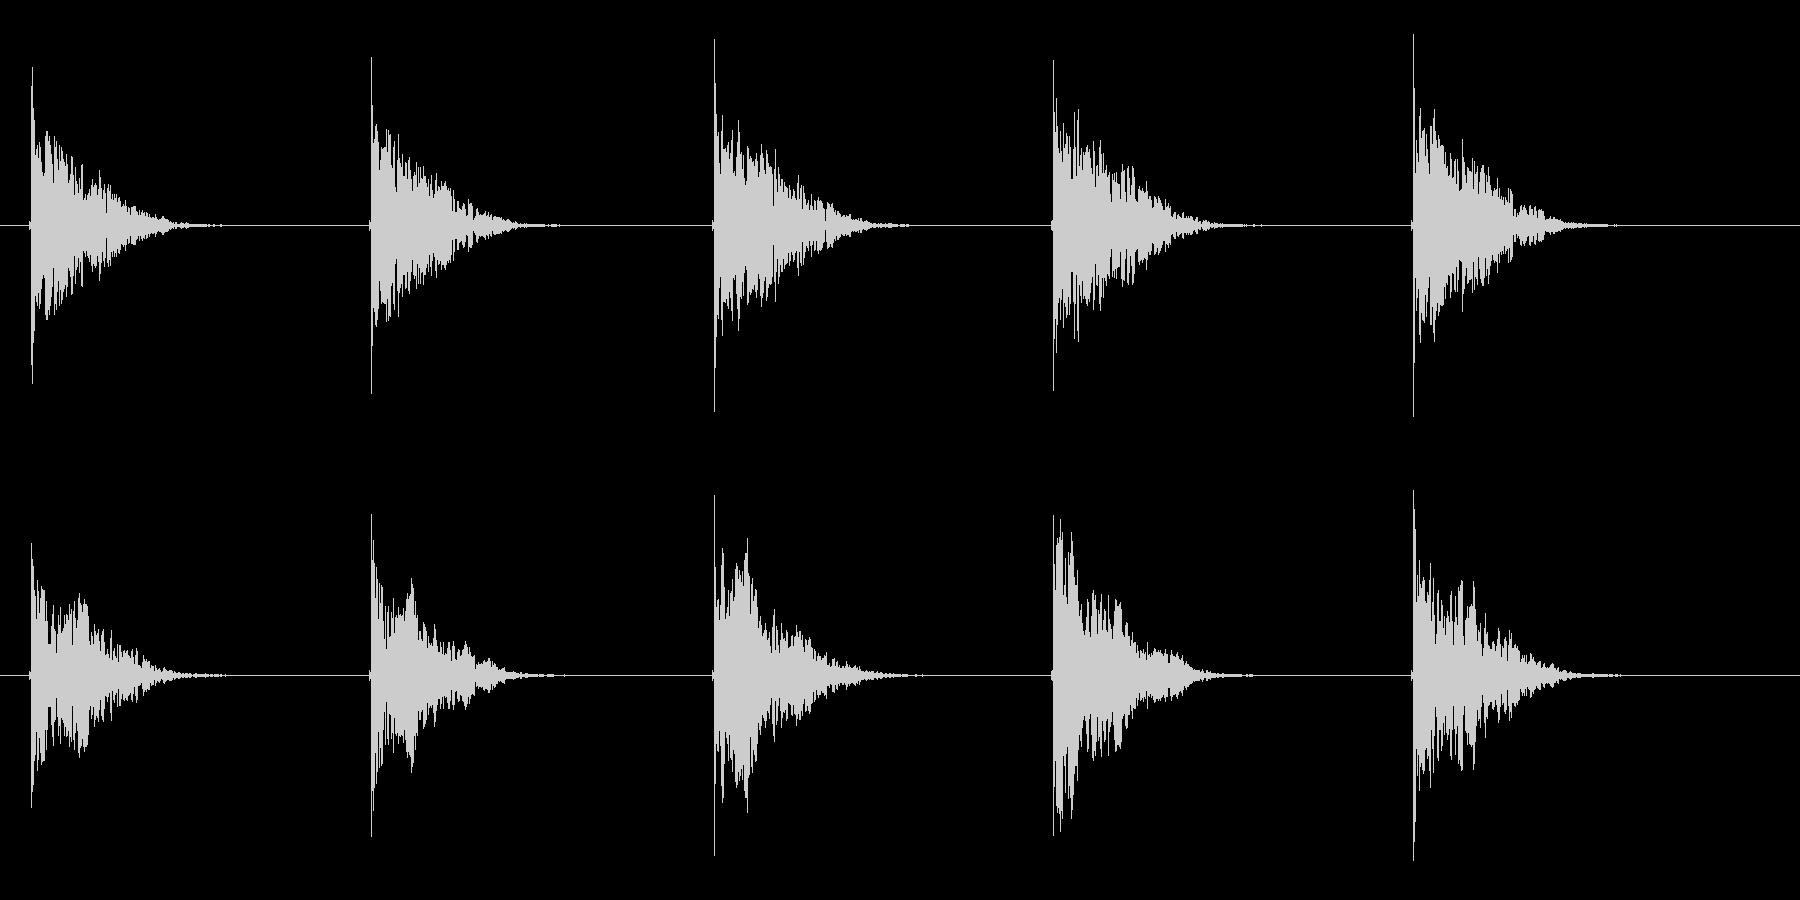 クーンという透明感ある音が繰り返されるの未再生の波形